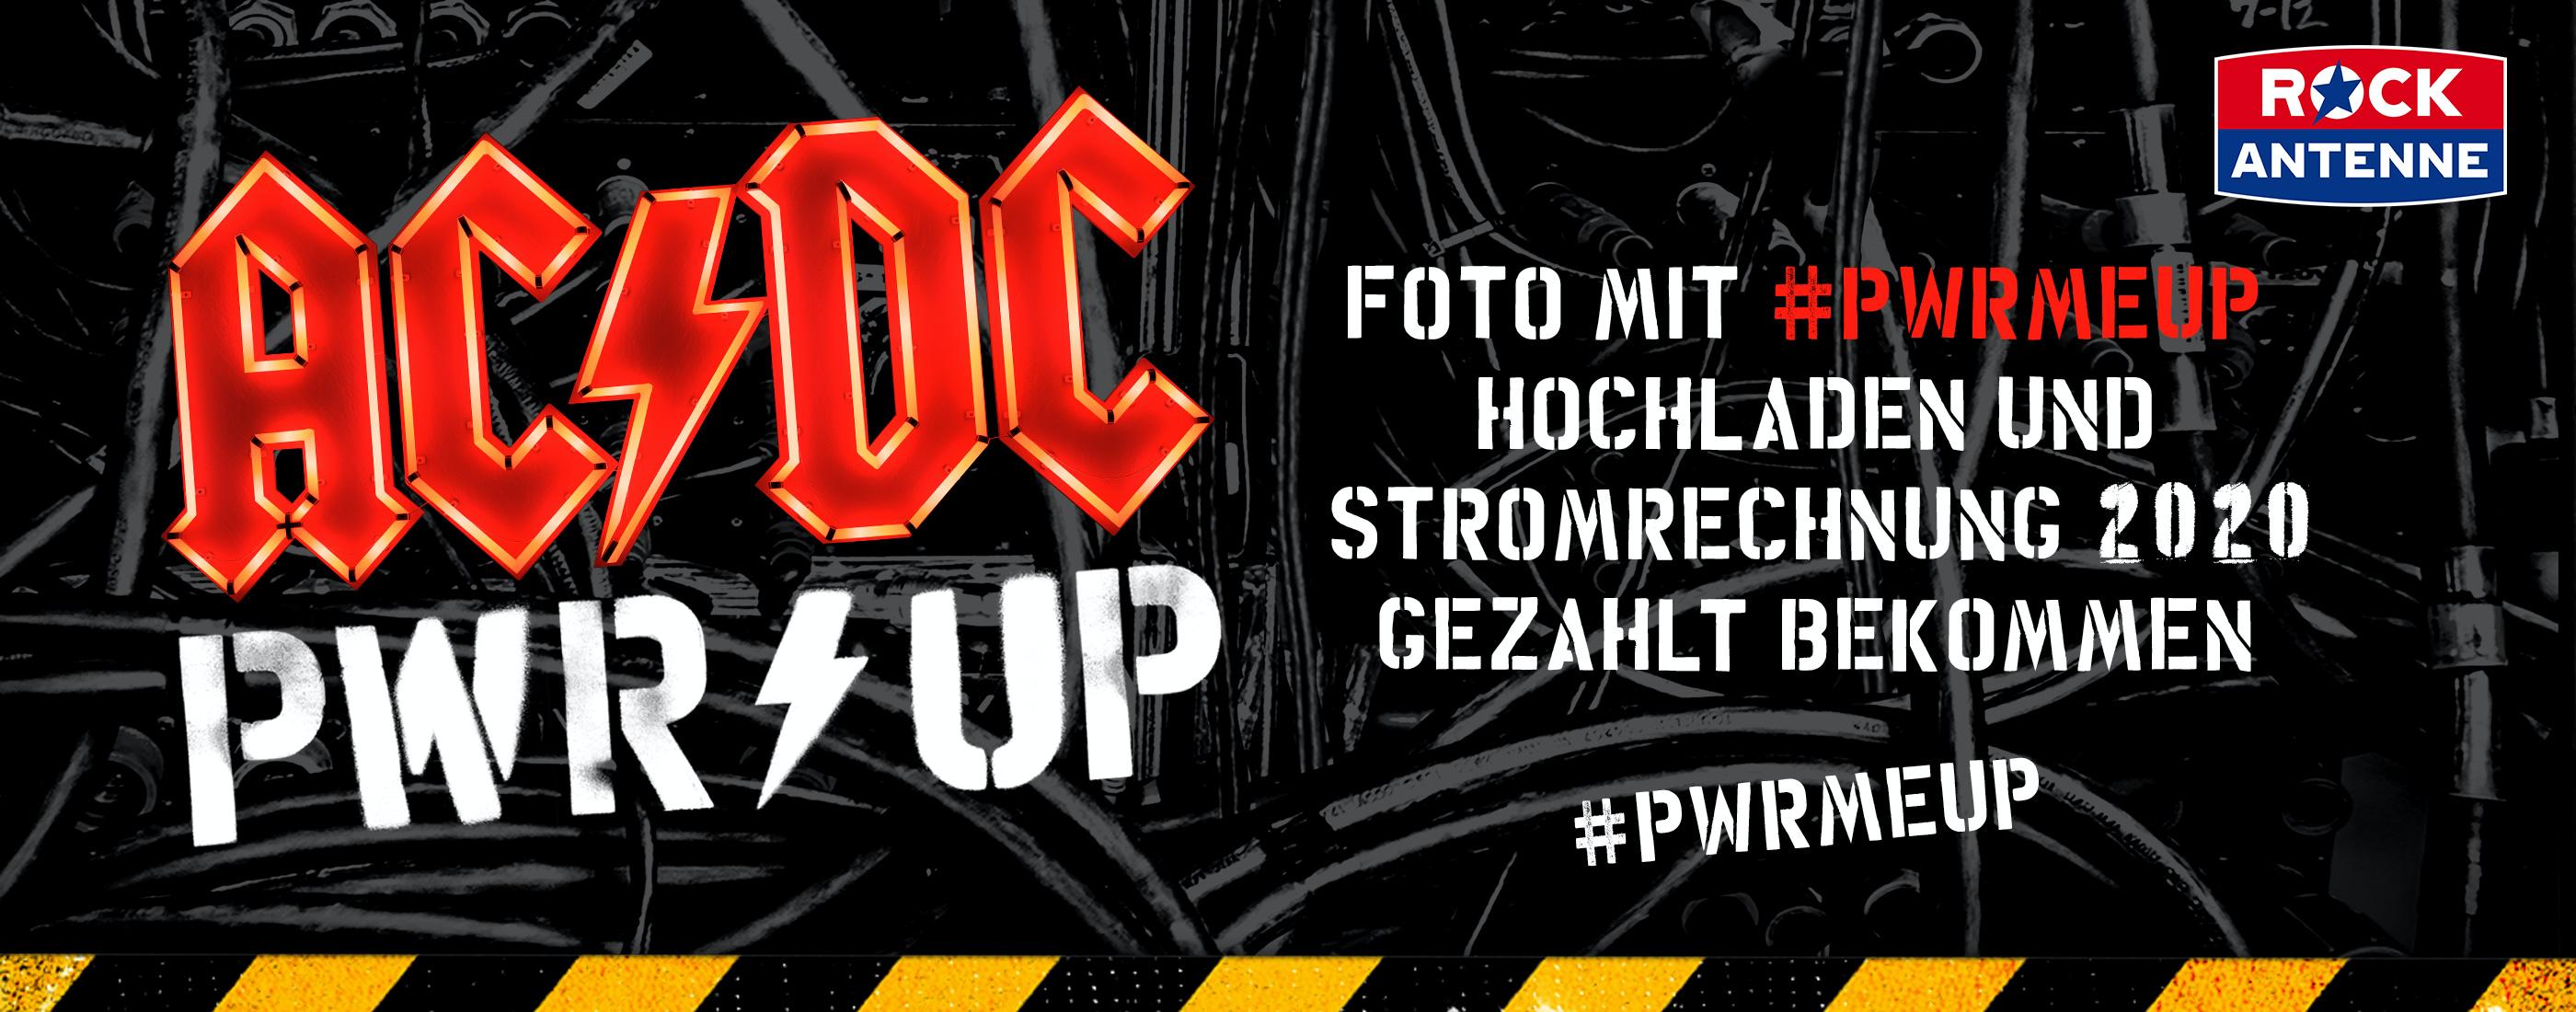 Aktionswebseite www.pwrmeup.de